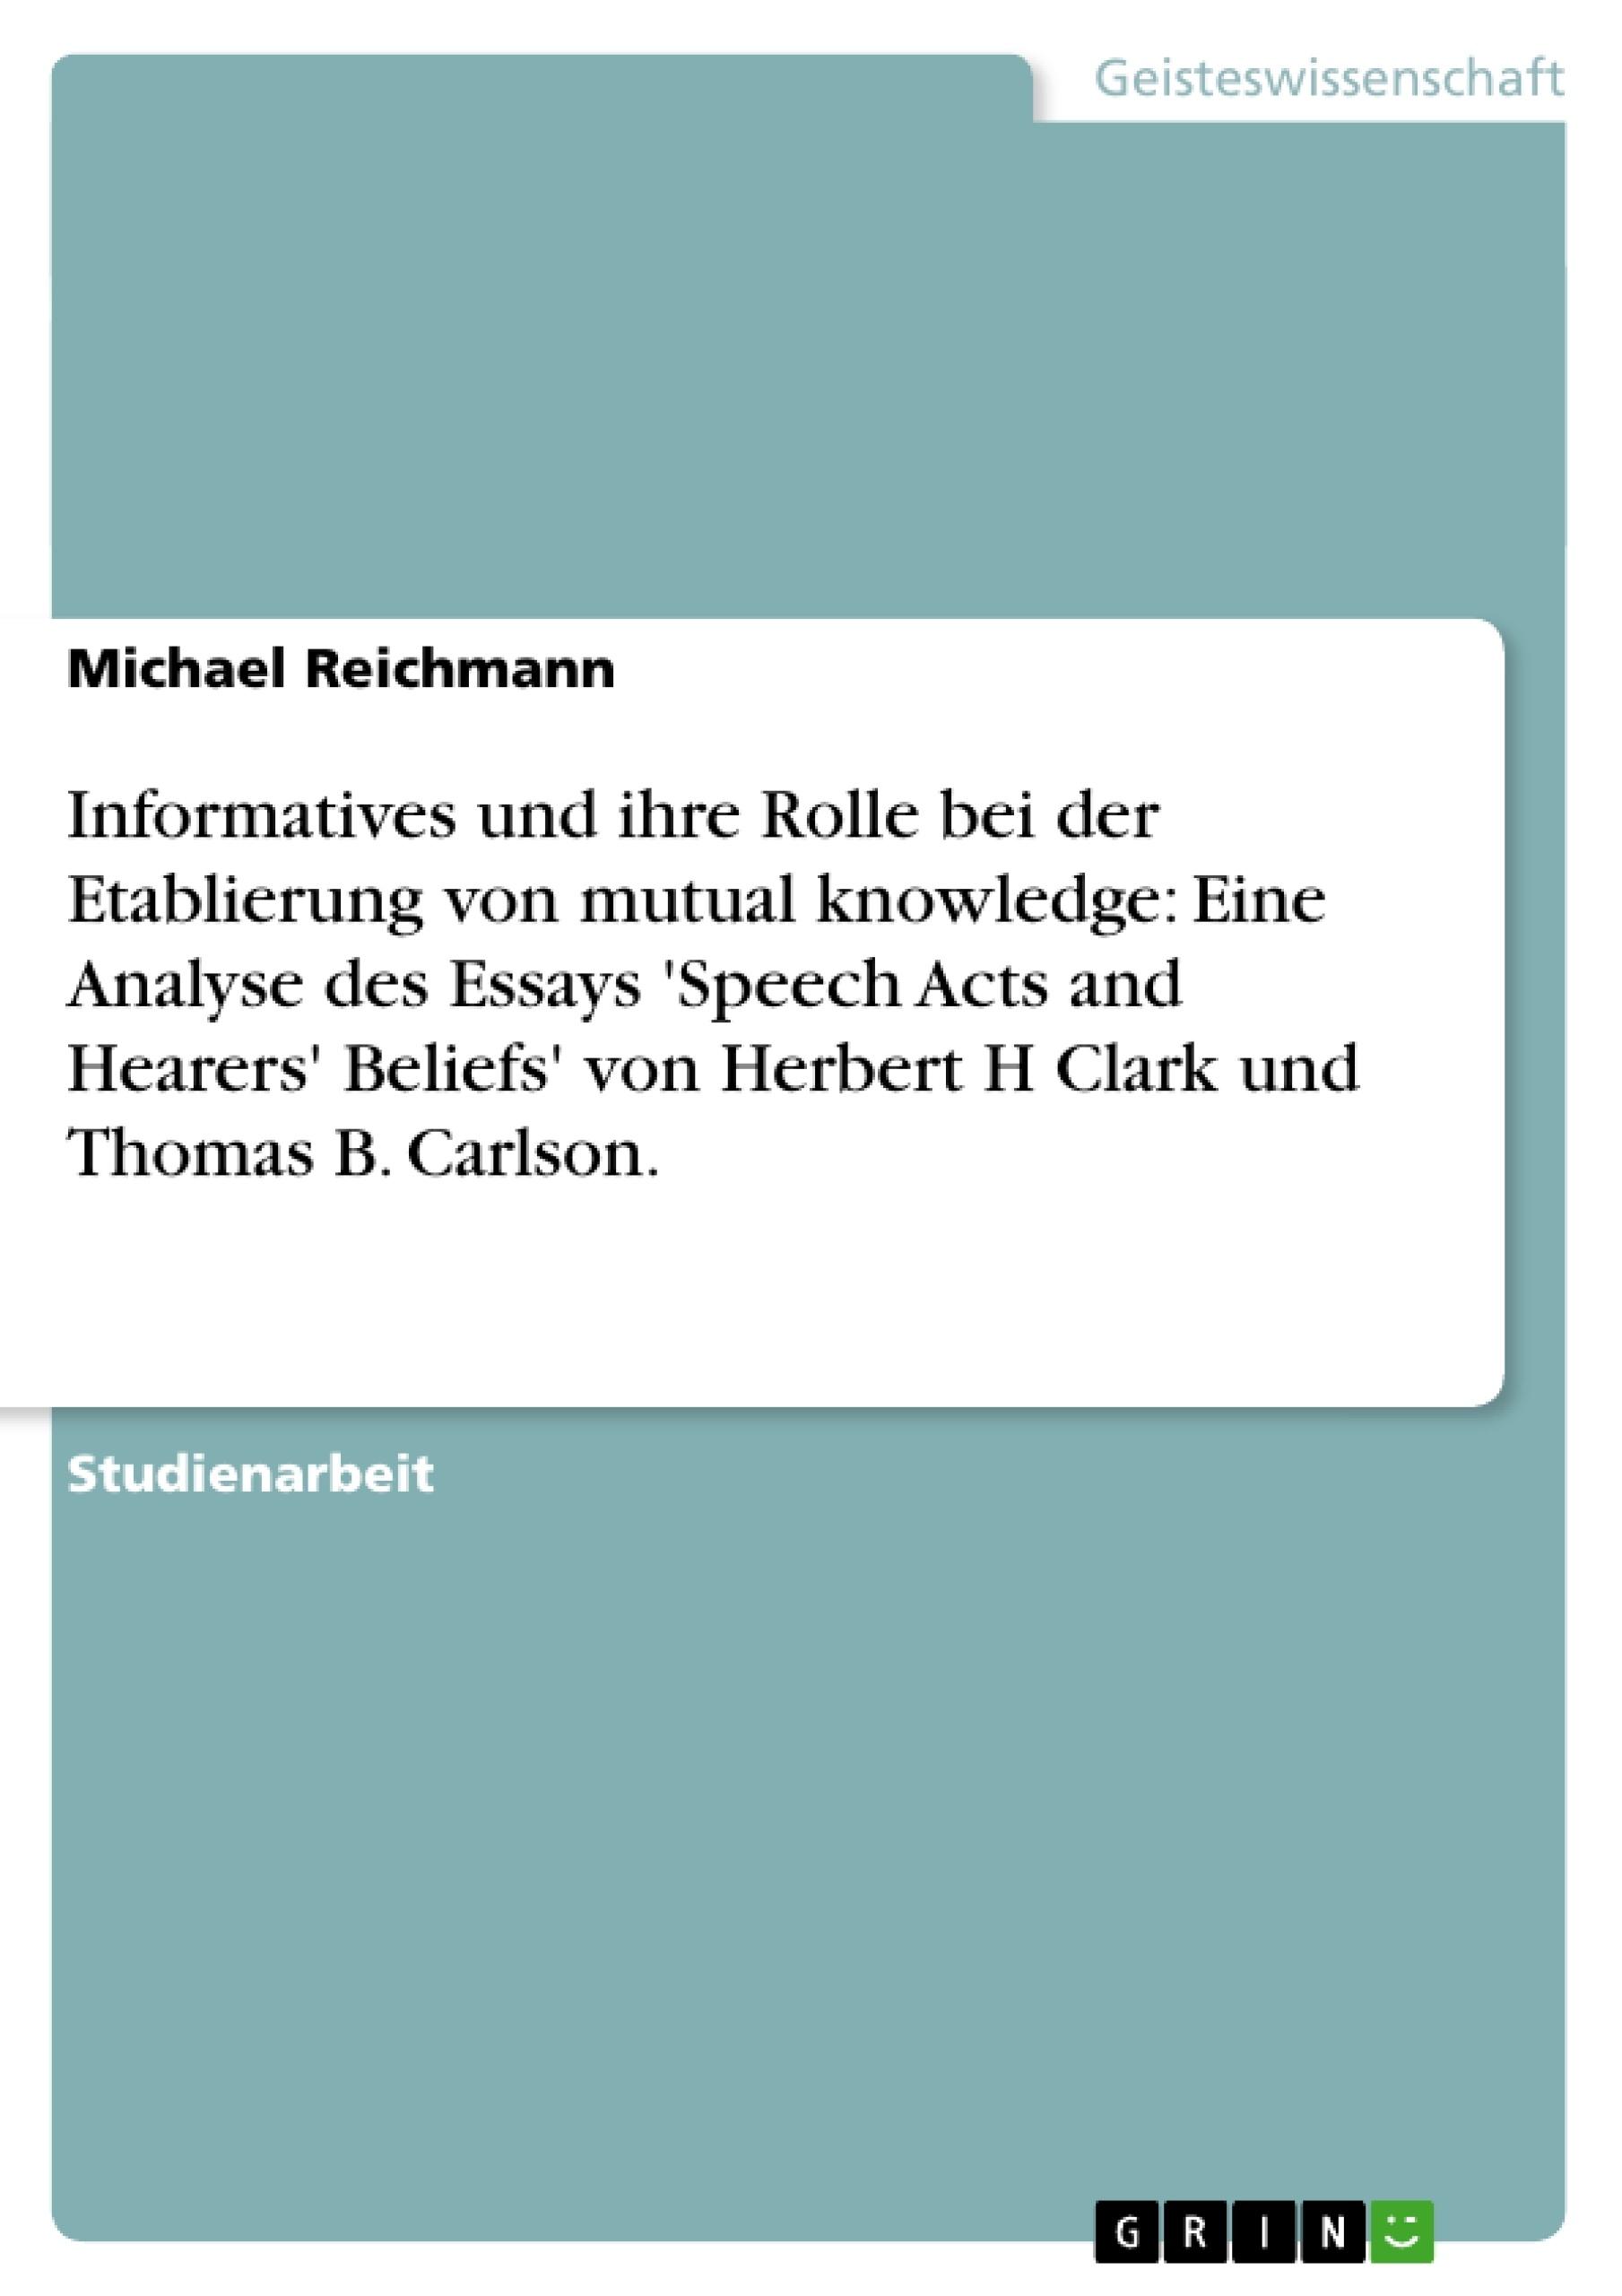 Titel: Informatives und ihre Rolle bei der Etablierung von mutual knowledge: Eine Analyse des Essays 'Speech Acts and Hearers' Beliefs' von Herbert H Clark und Thomas B. Carlson.